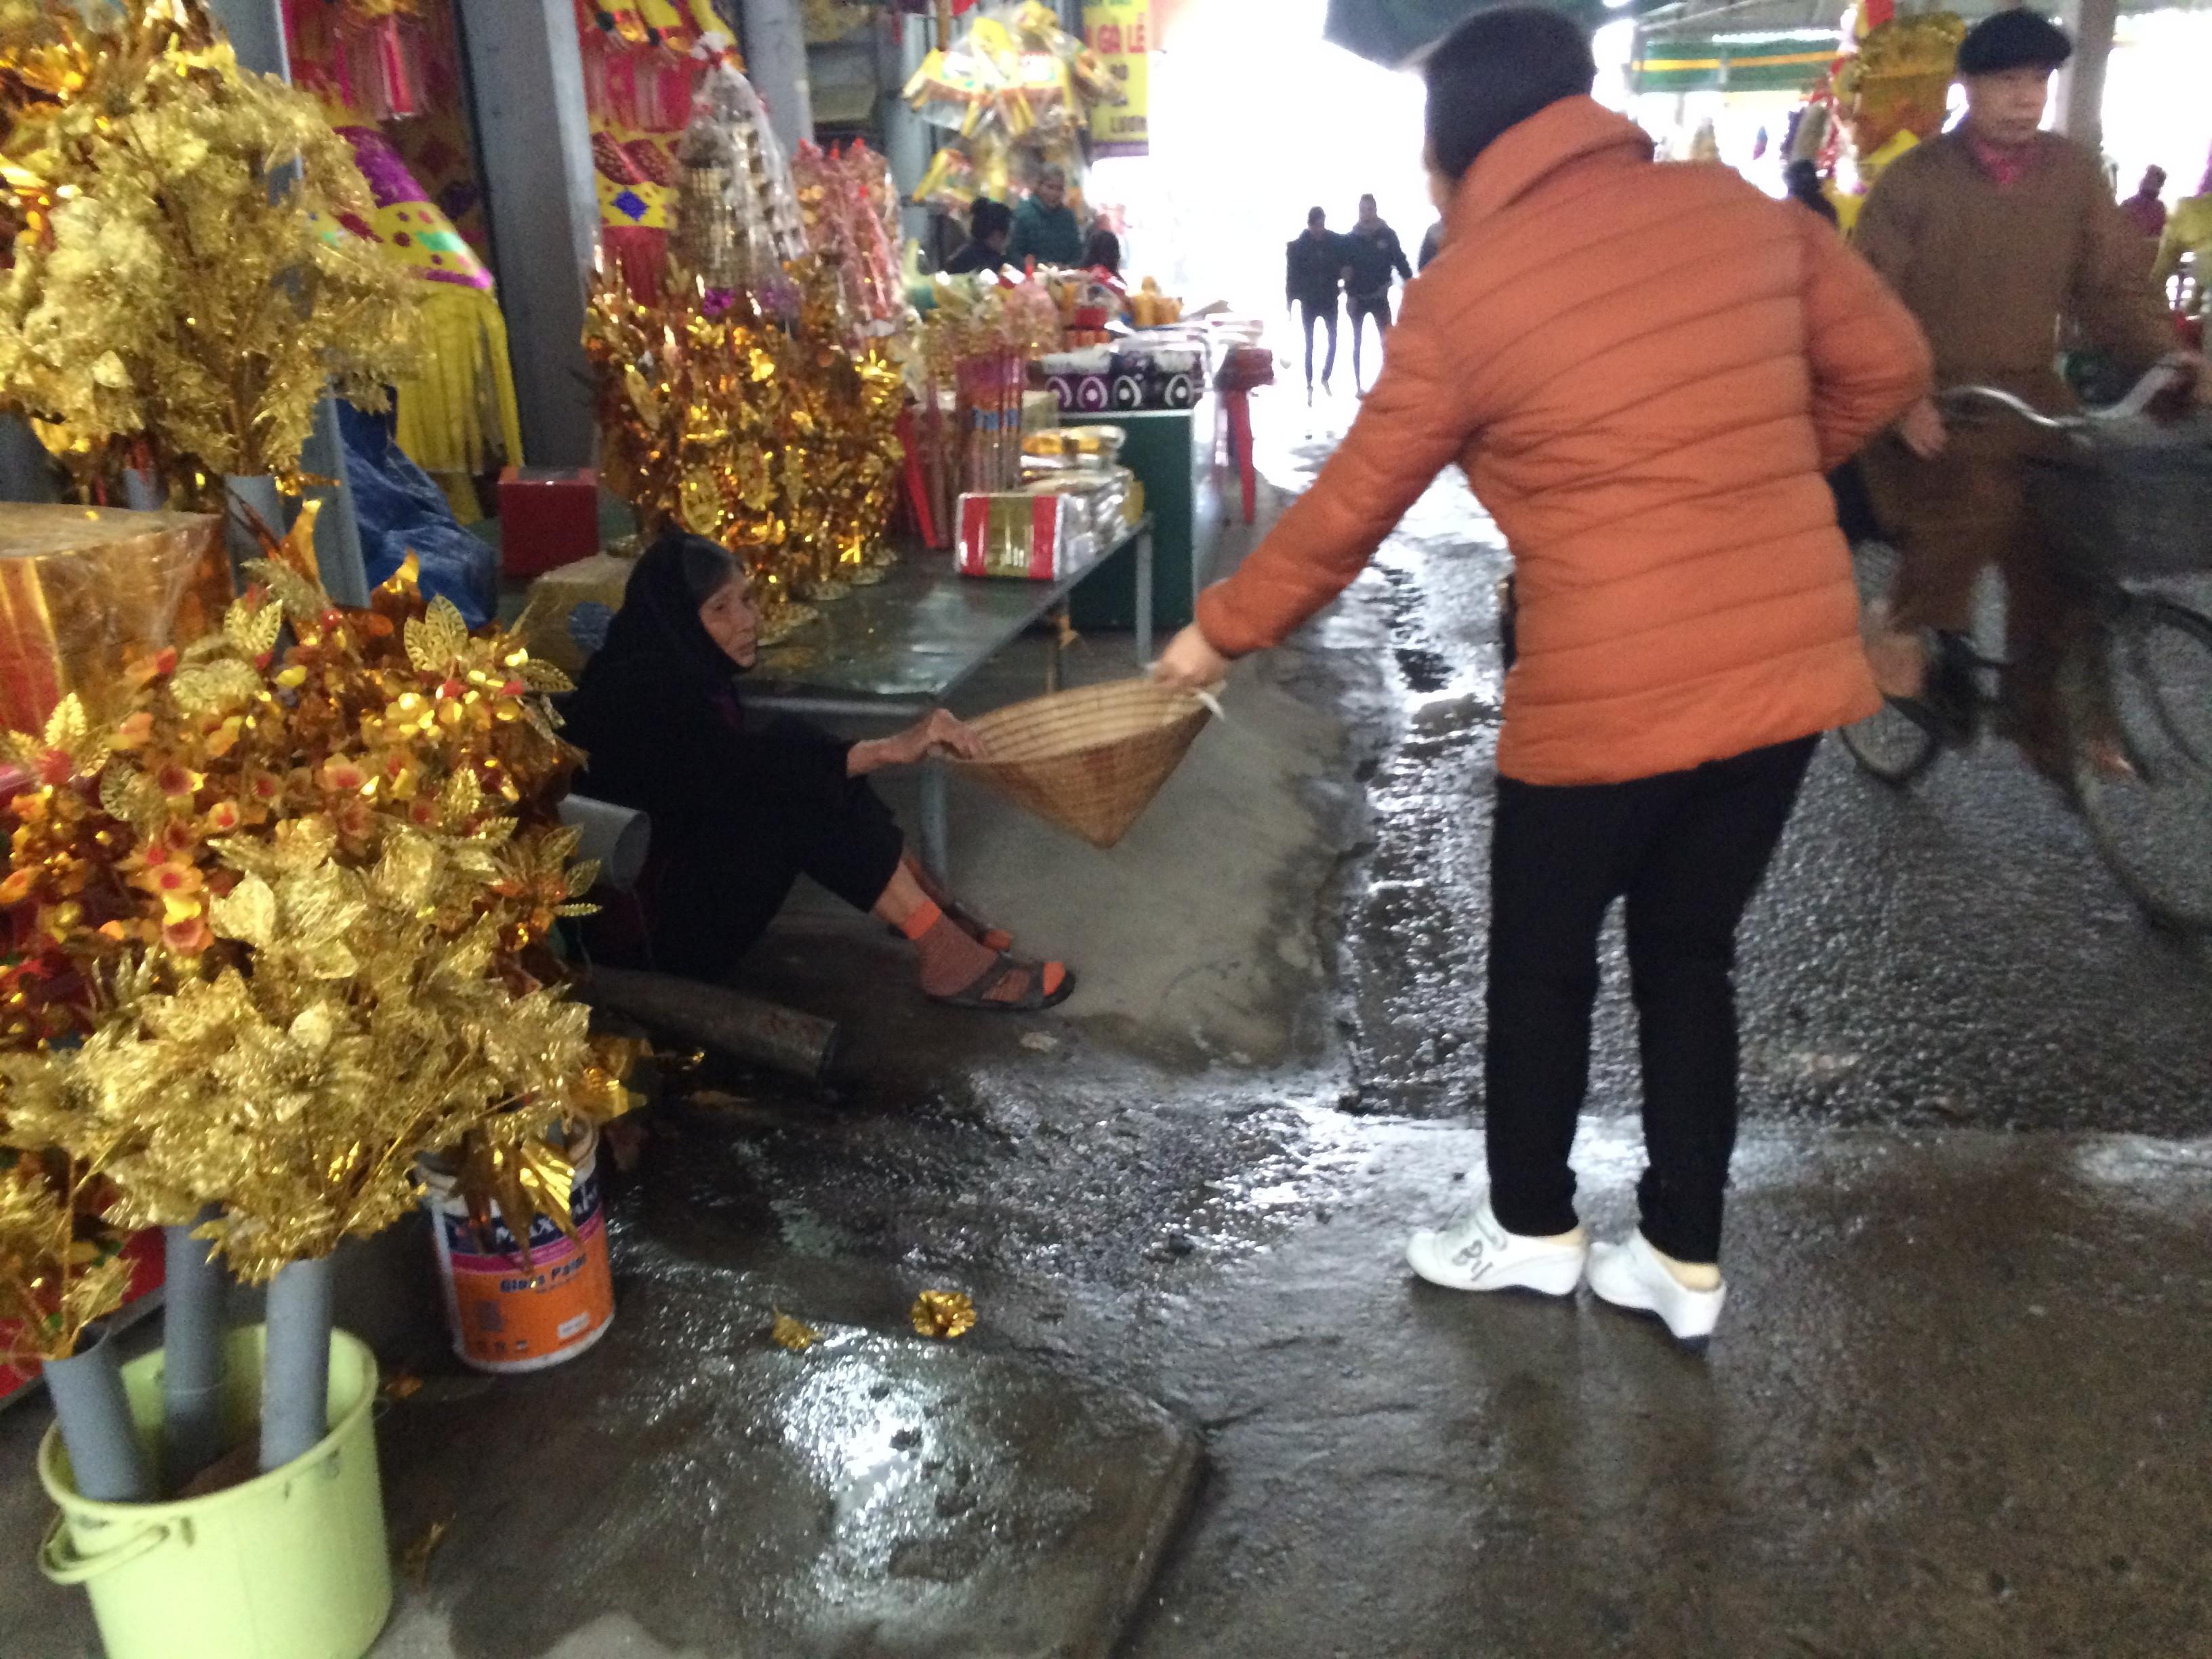 Đã rất nhiều lần báo chí lên tiếng về vấn nạn ăn xin ở đền ông Hoàng Mười nhưng tình trạng này vẫn chưa chấm dứt